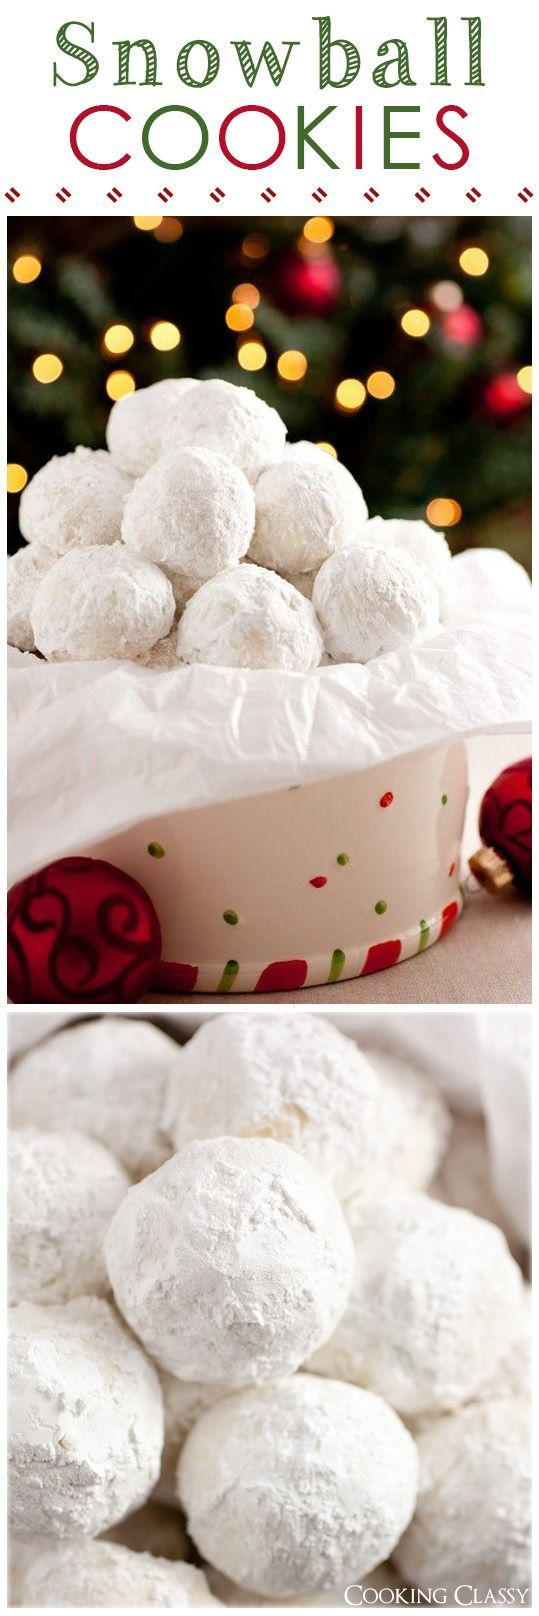 Snowball Cookies - für die kleine Nascherei zwischendurch :)